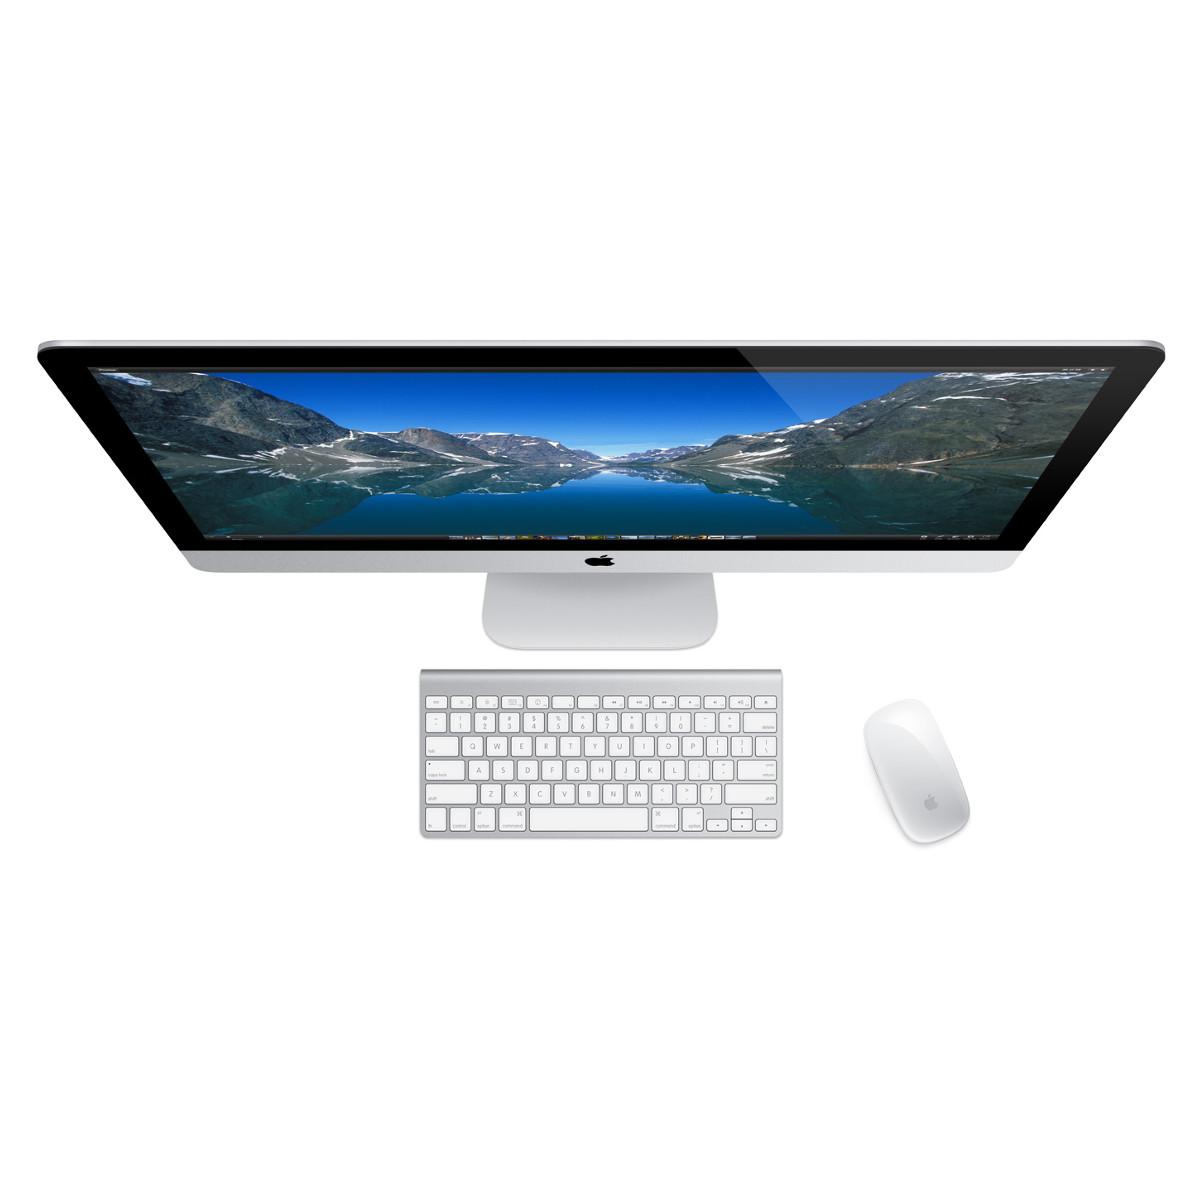 apple imac 21 5 pouces me087f a i7 fusion drive 1to ordinateur mac apple sur. Black Bedroom Furniture Sets. Home Design Ideas